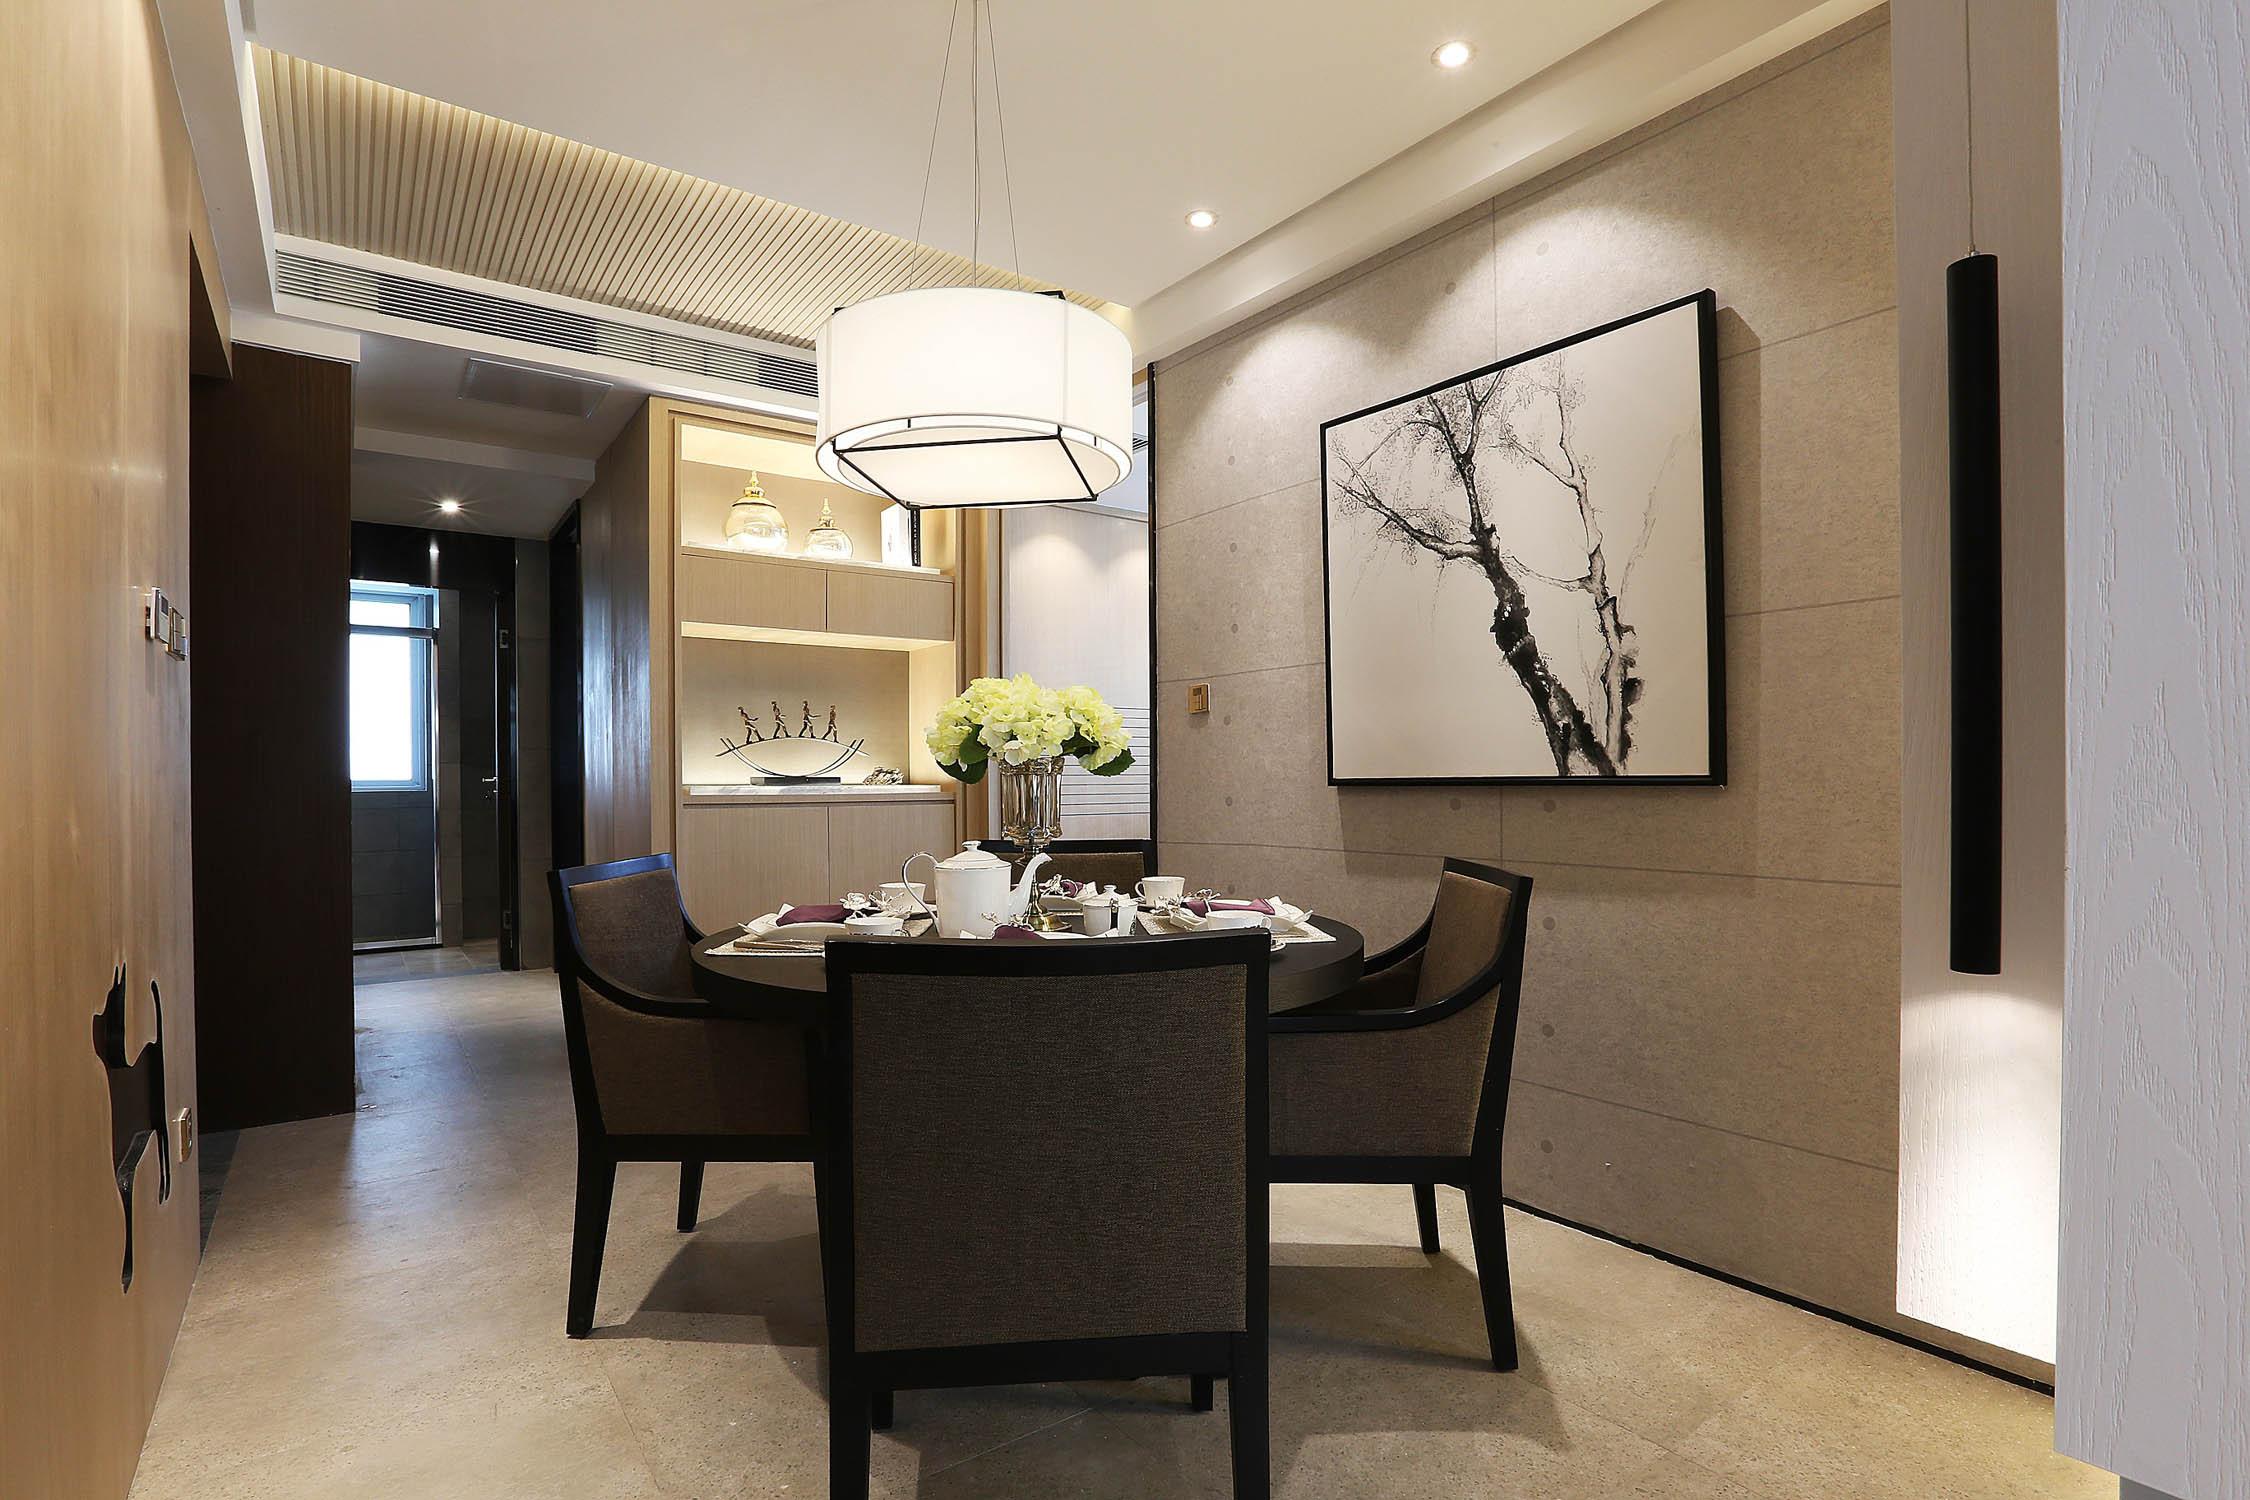 80平简约风设计餐厅背景墙图片